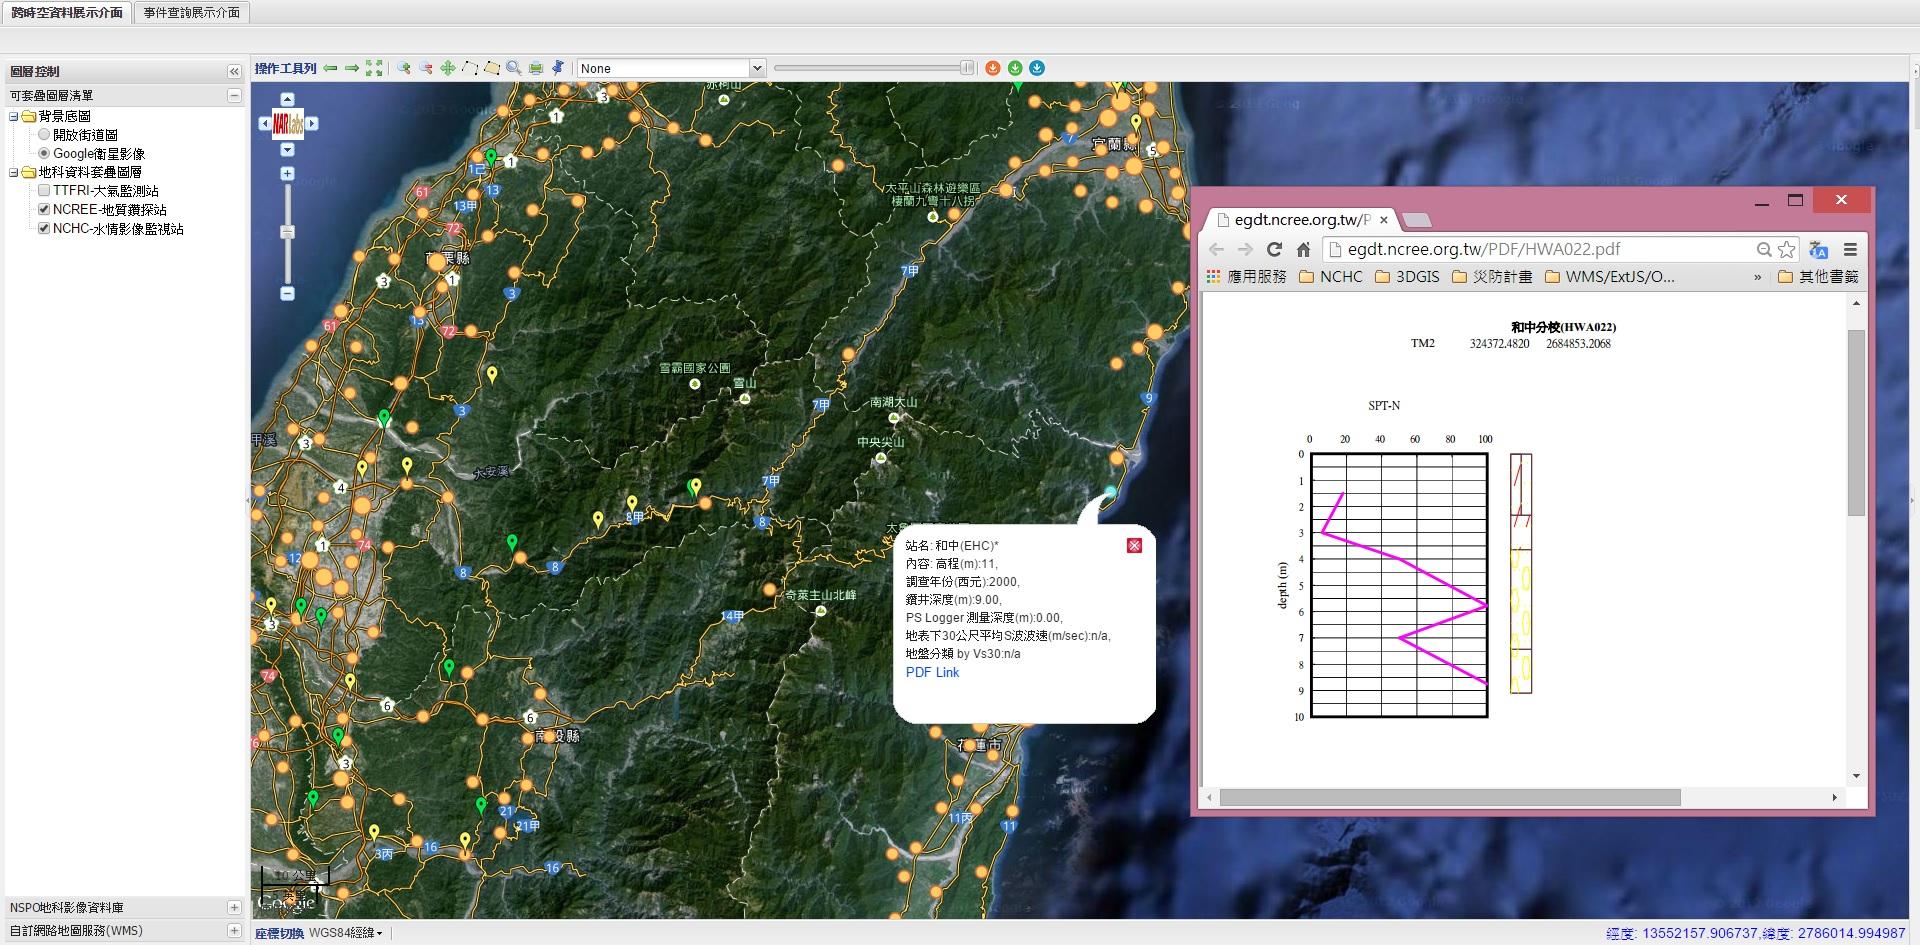 【demo3】國震地質鑽探站資料展示